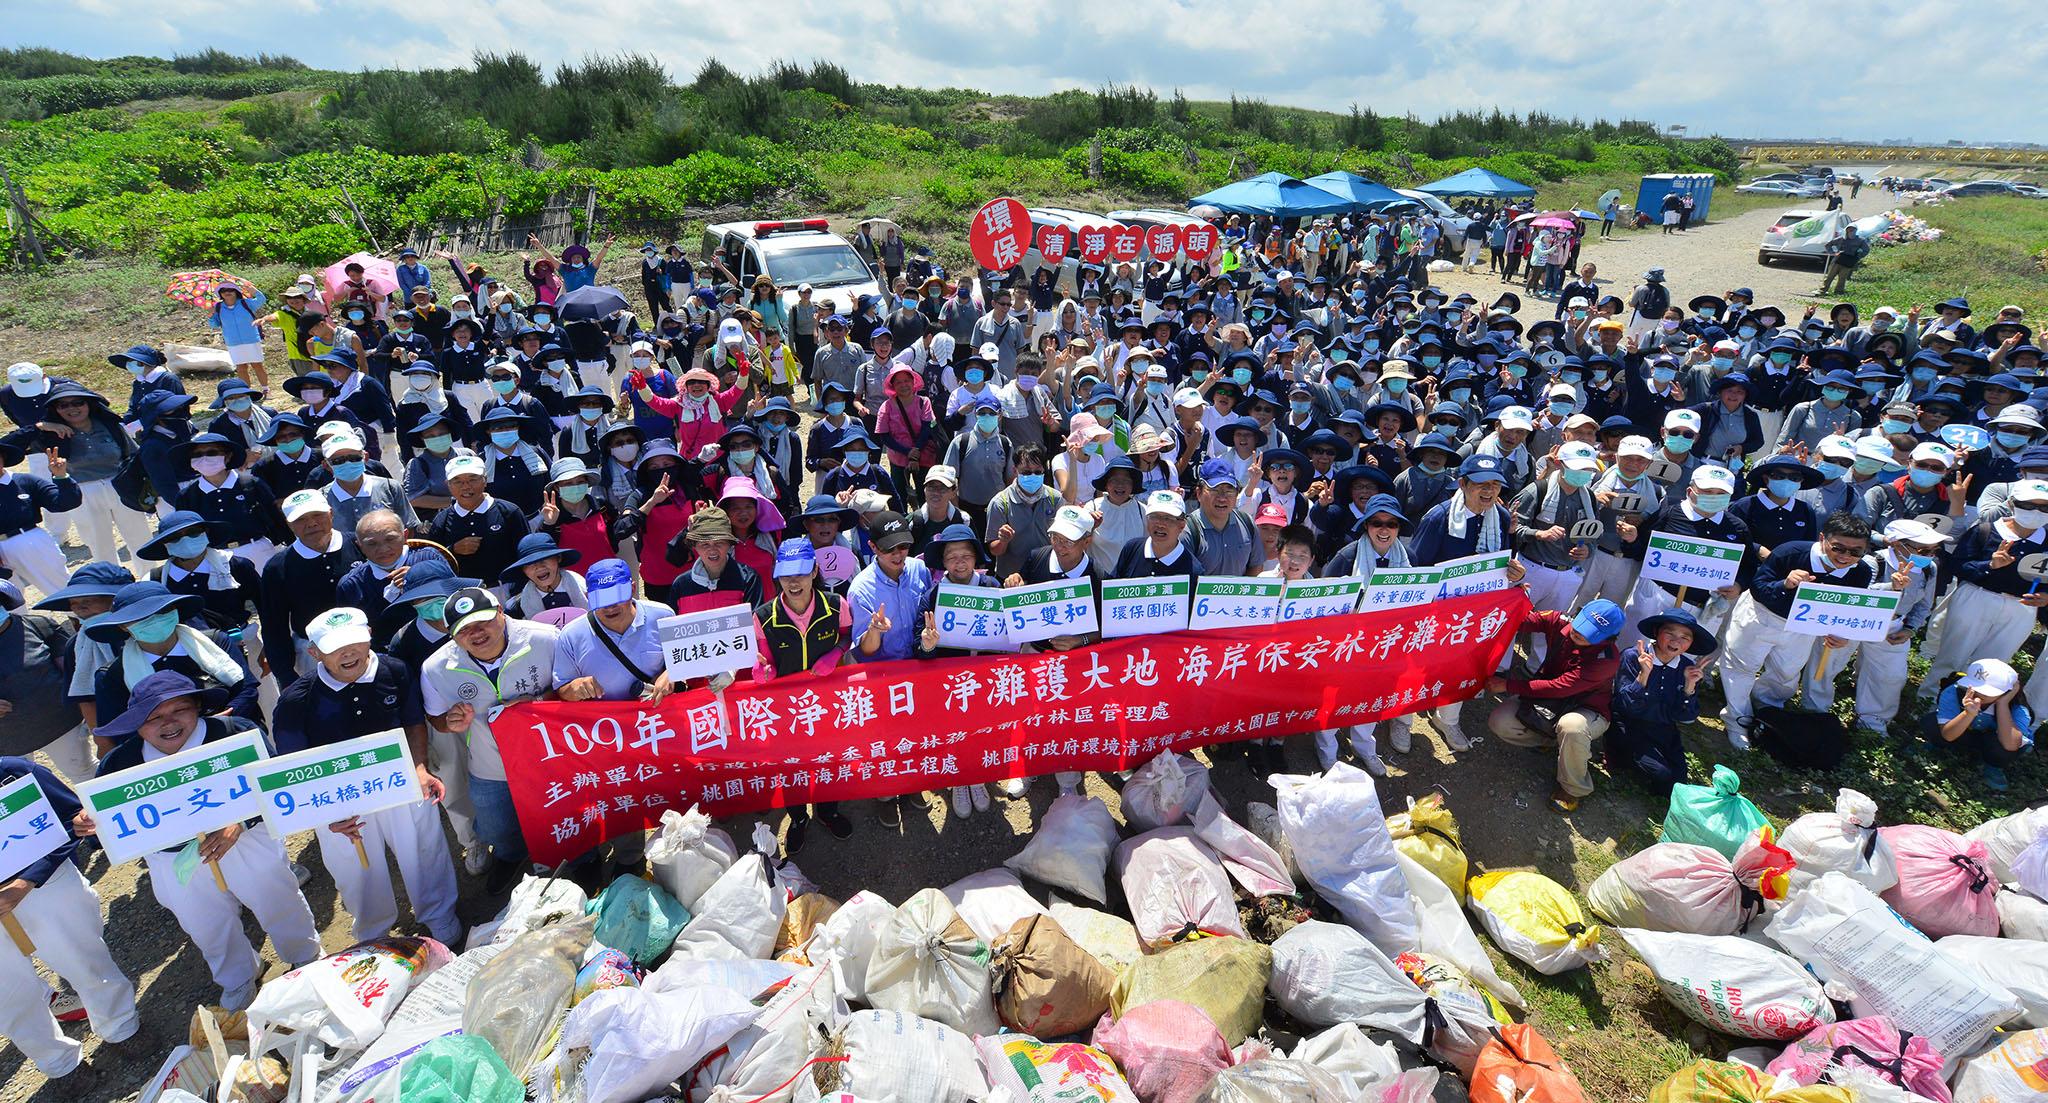 國際淨灘日,全體參與志工與民眾在清出的五千公斤垃圾前,宣示淨灘護大地。